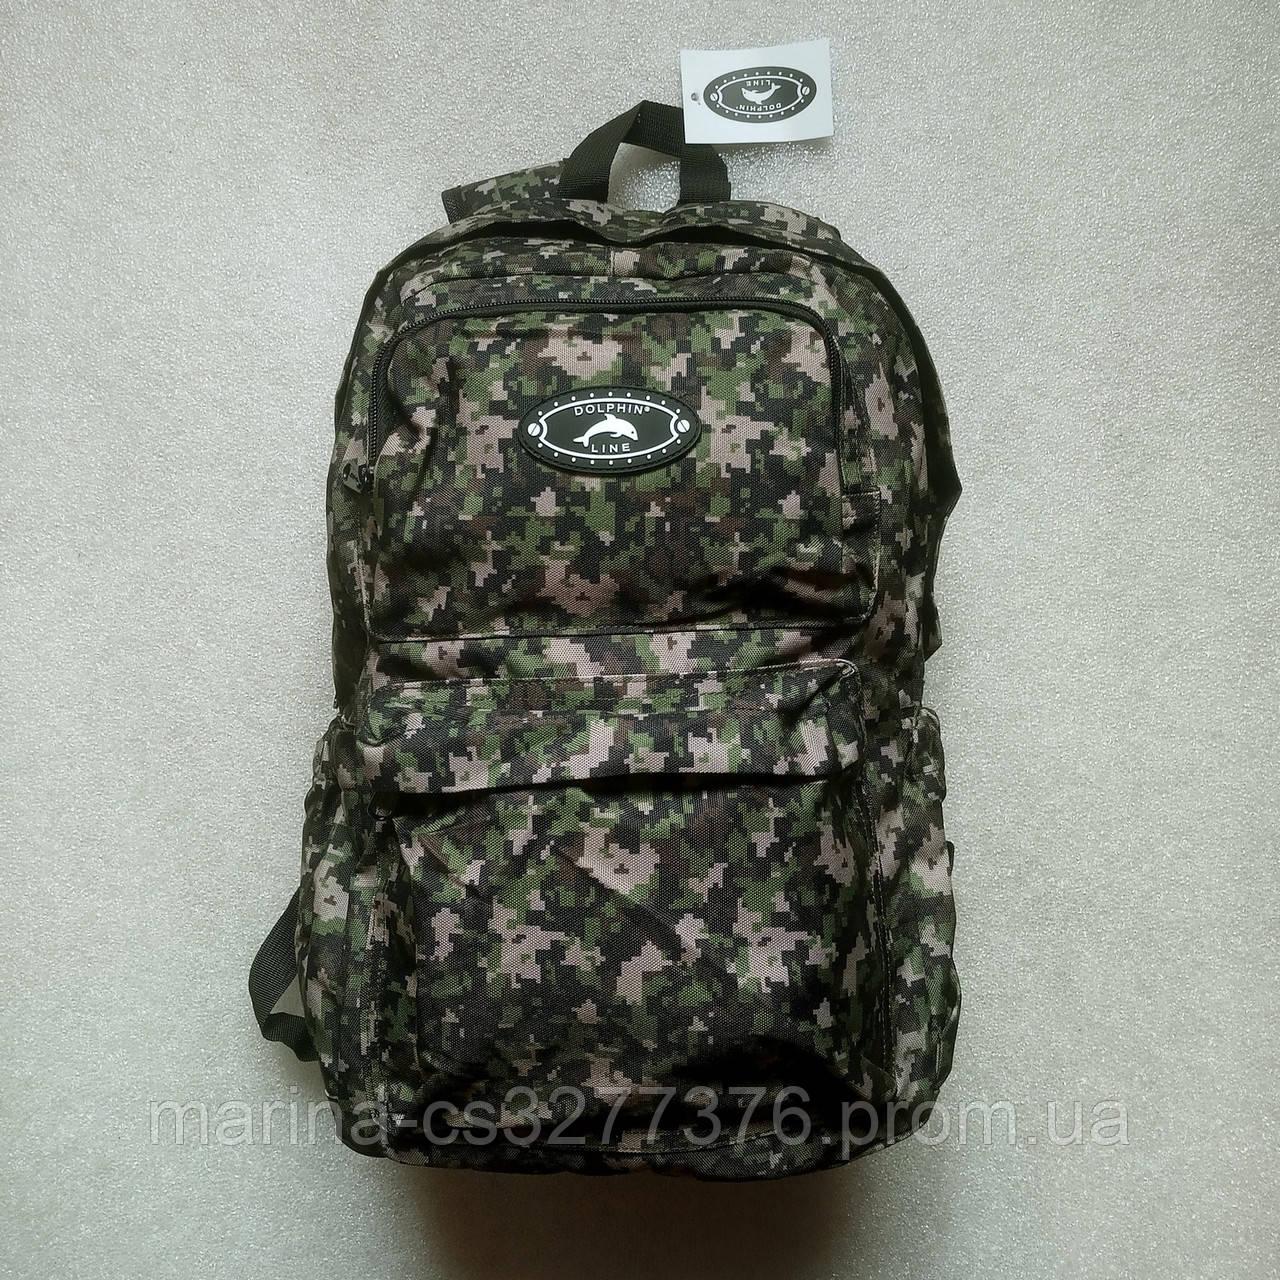 Мужской рюкзак Dolphin Line с пиксельным камуфляжным принтом милитари. Легкий, моющийся, немаркий!